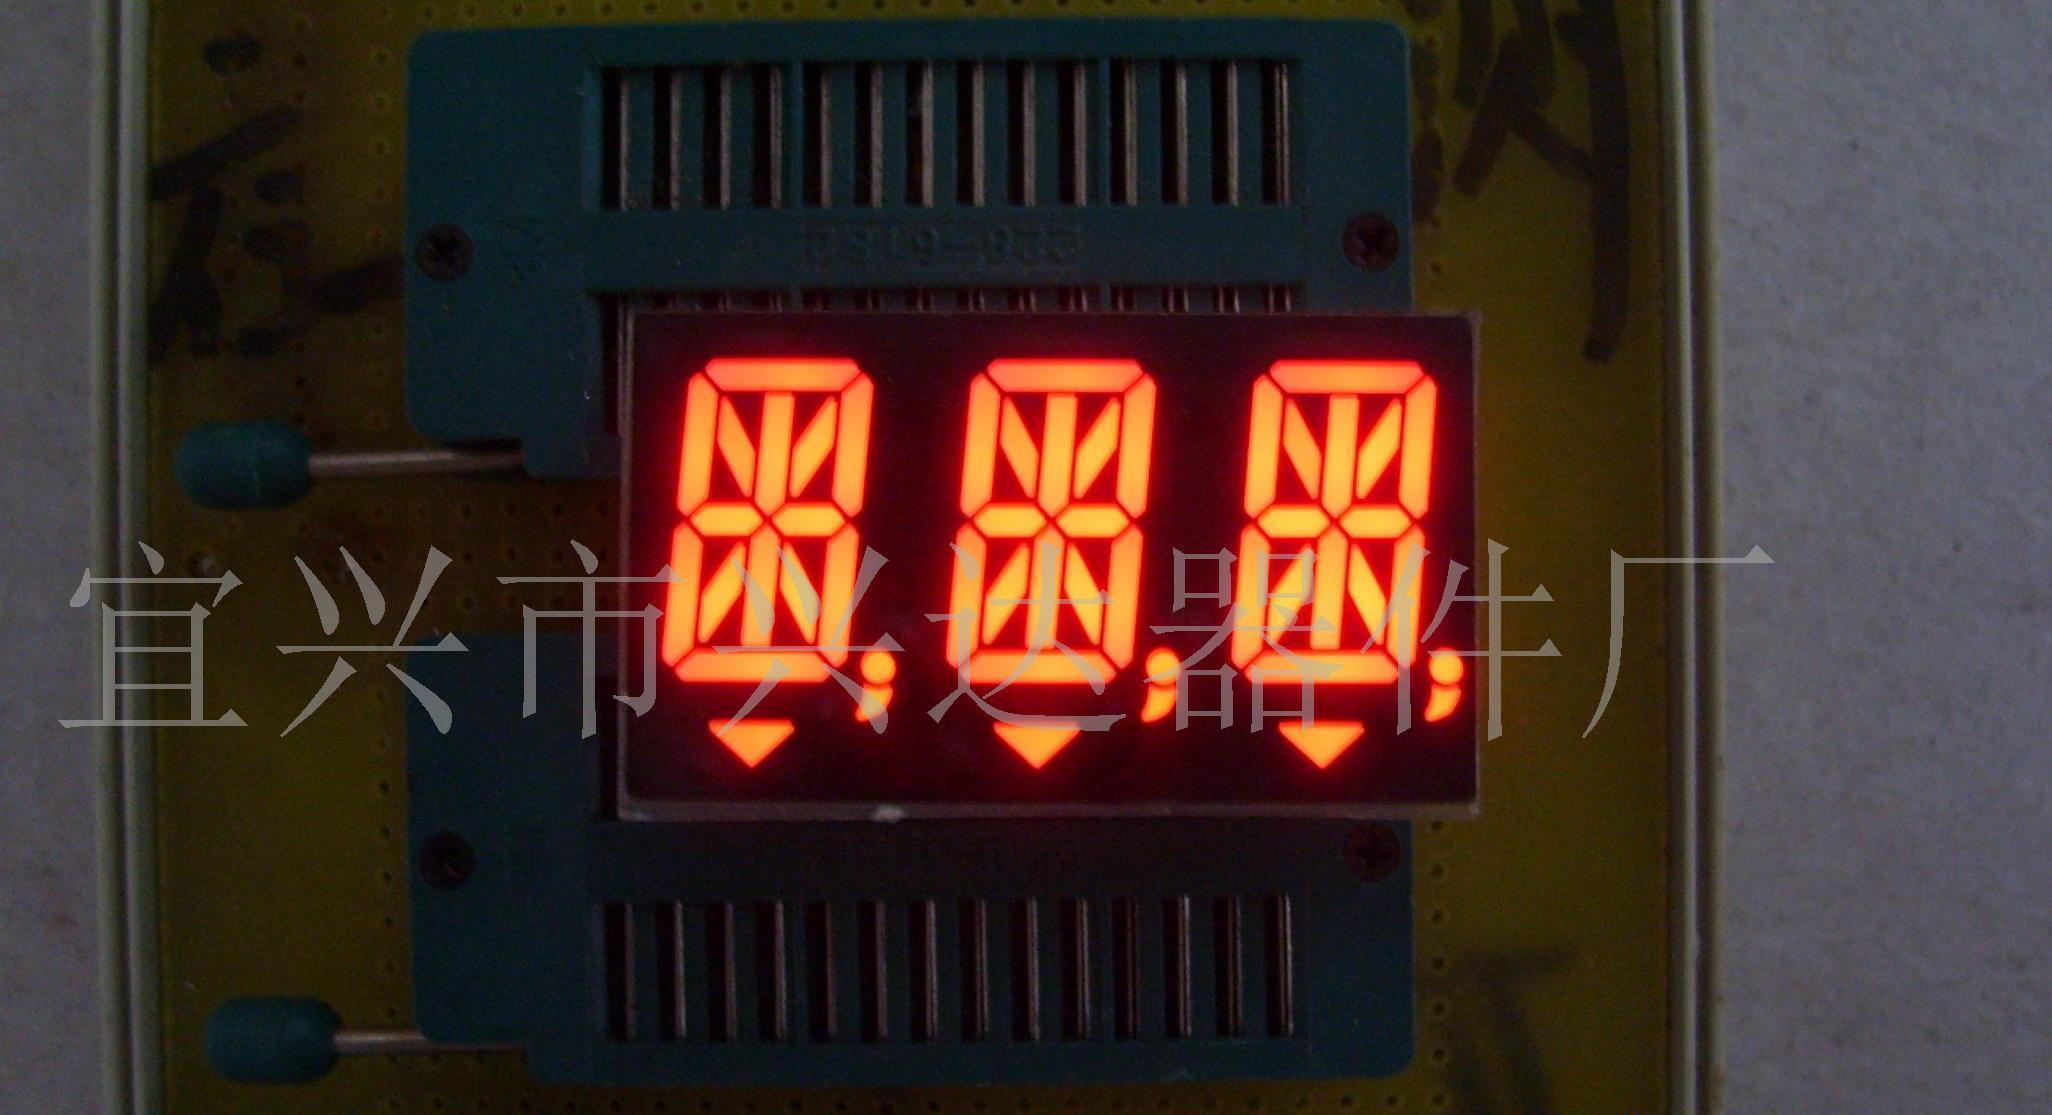 供应led数码管及彩色智能显示屏